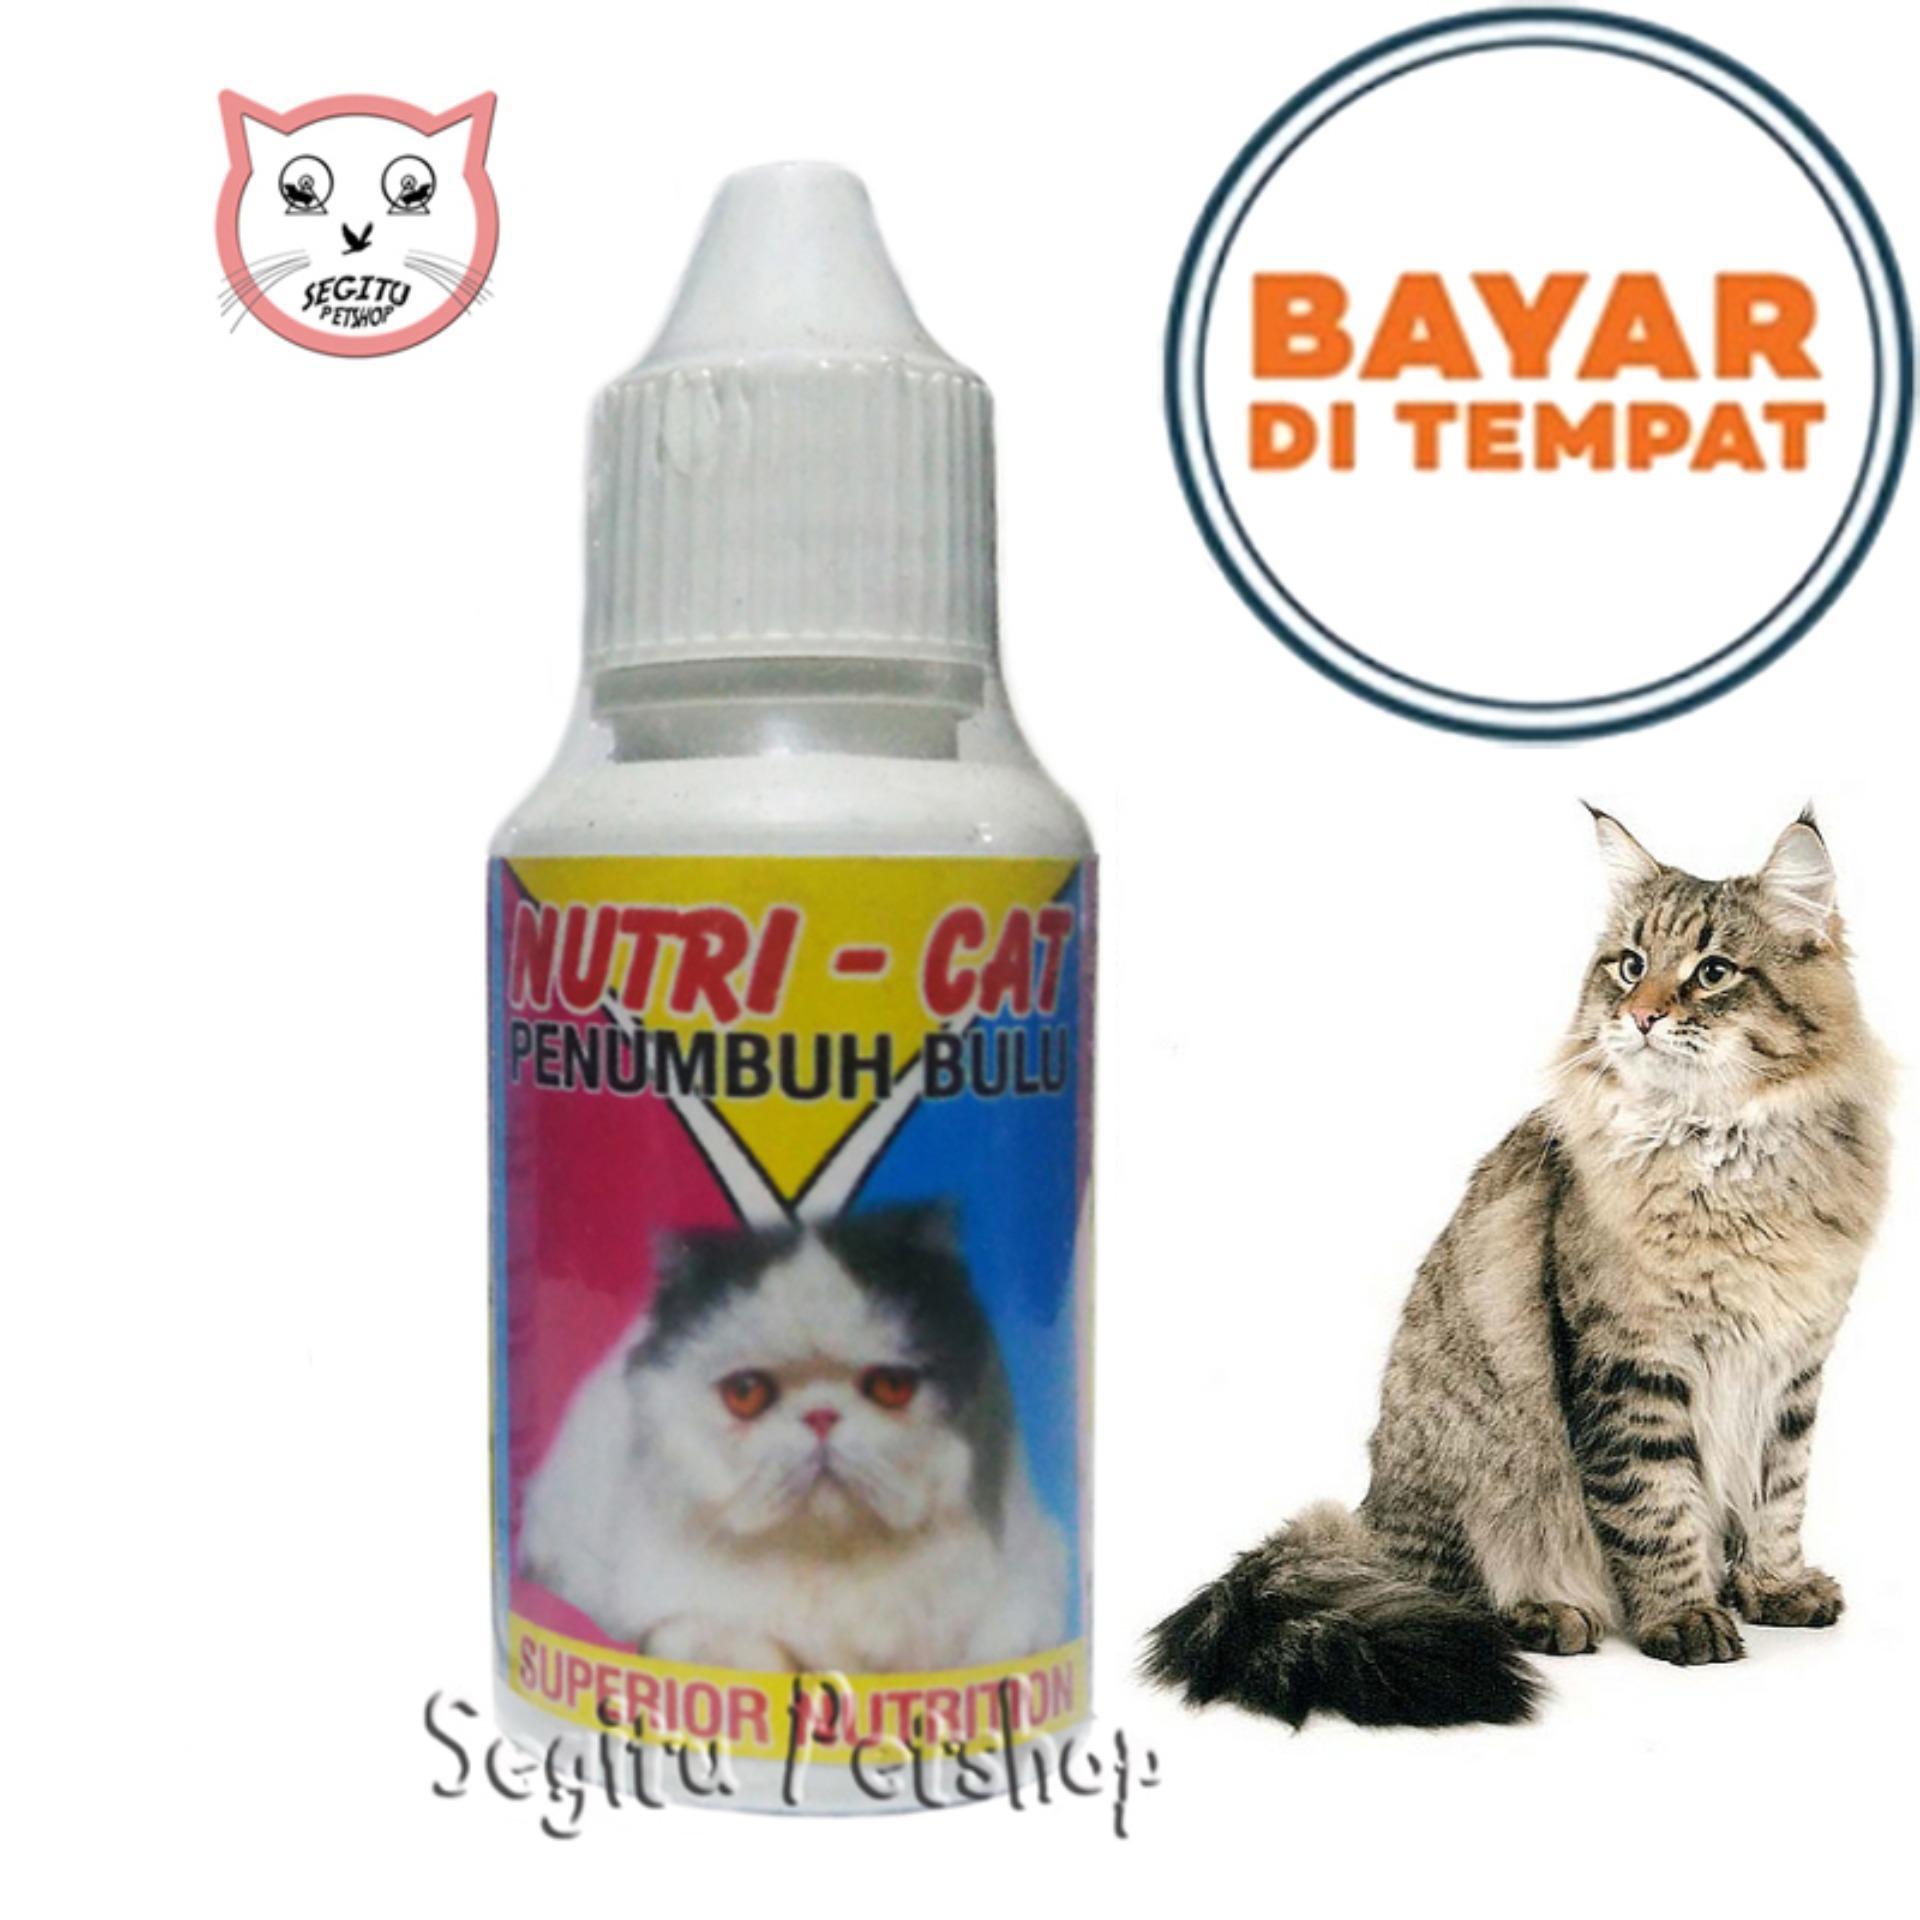 Vitamin Bulu Kucing Obat Penumbuh Bulu Kucing Rontok Nutri Cat By Segitu Petshop Bekasi.